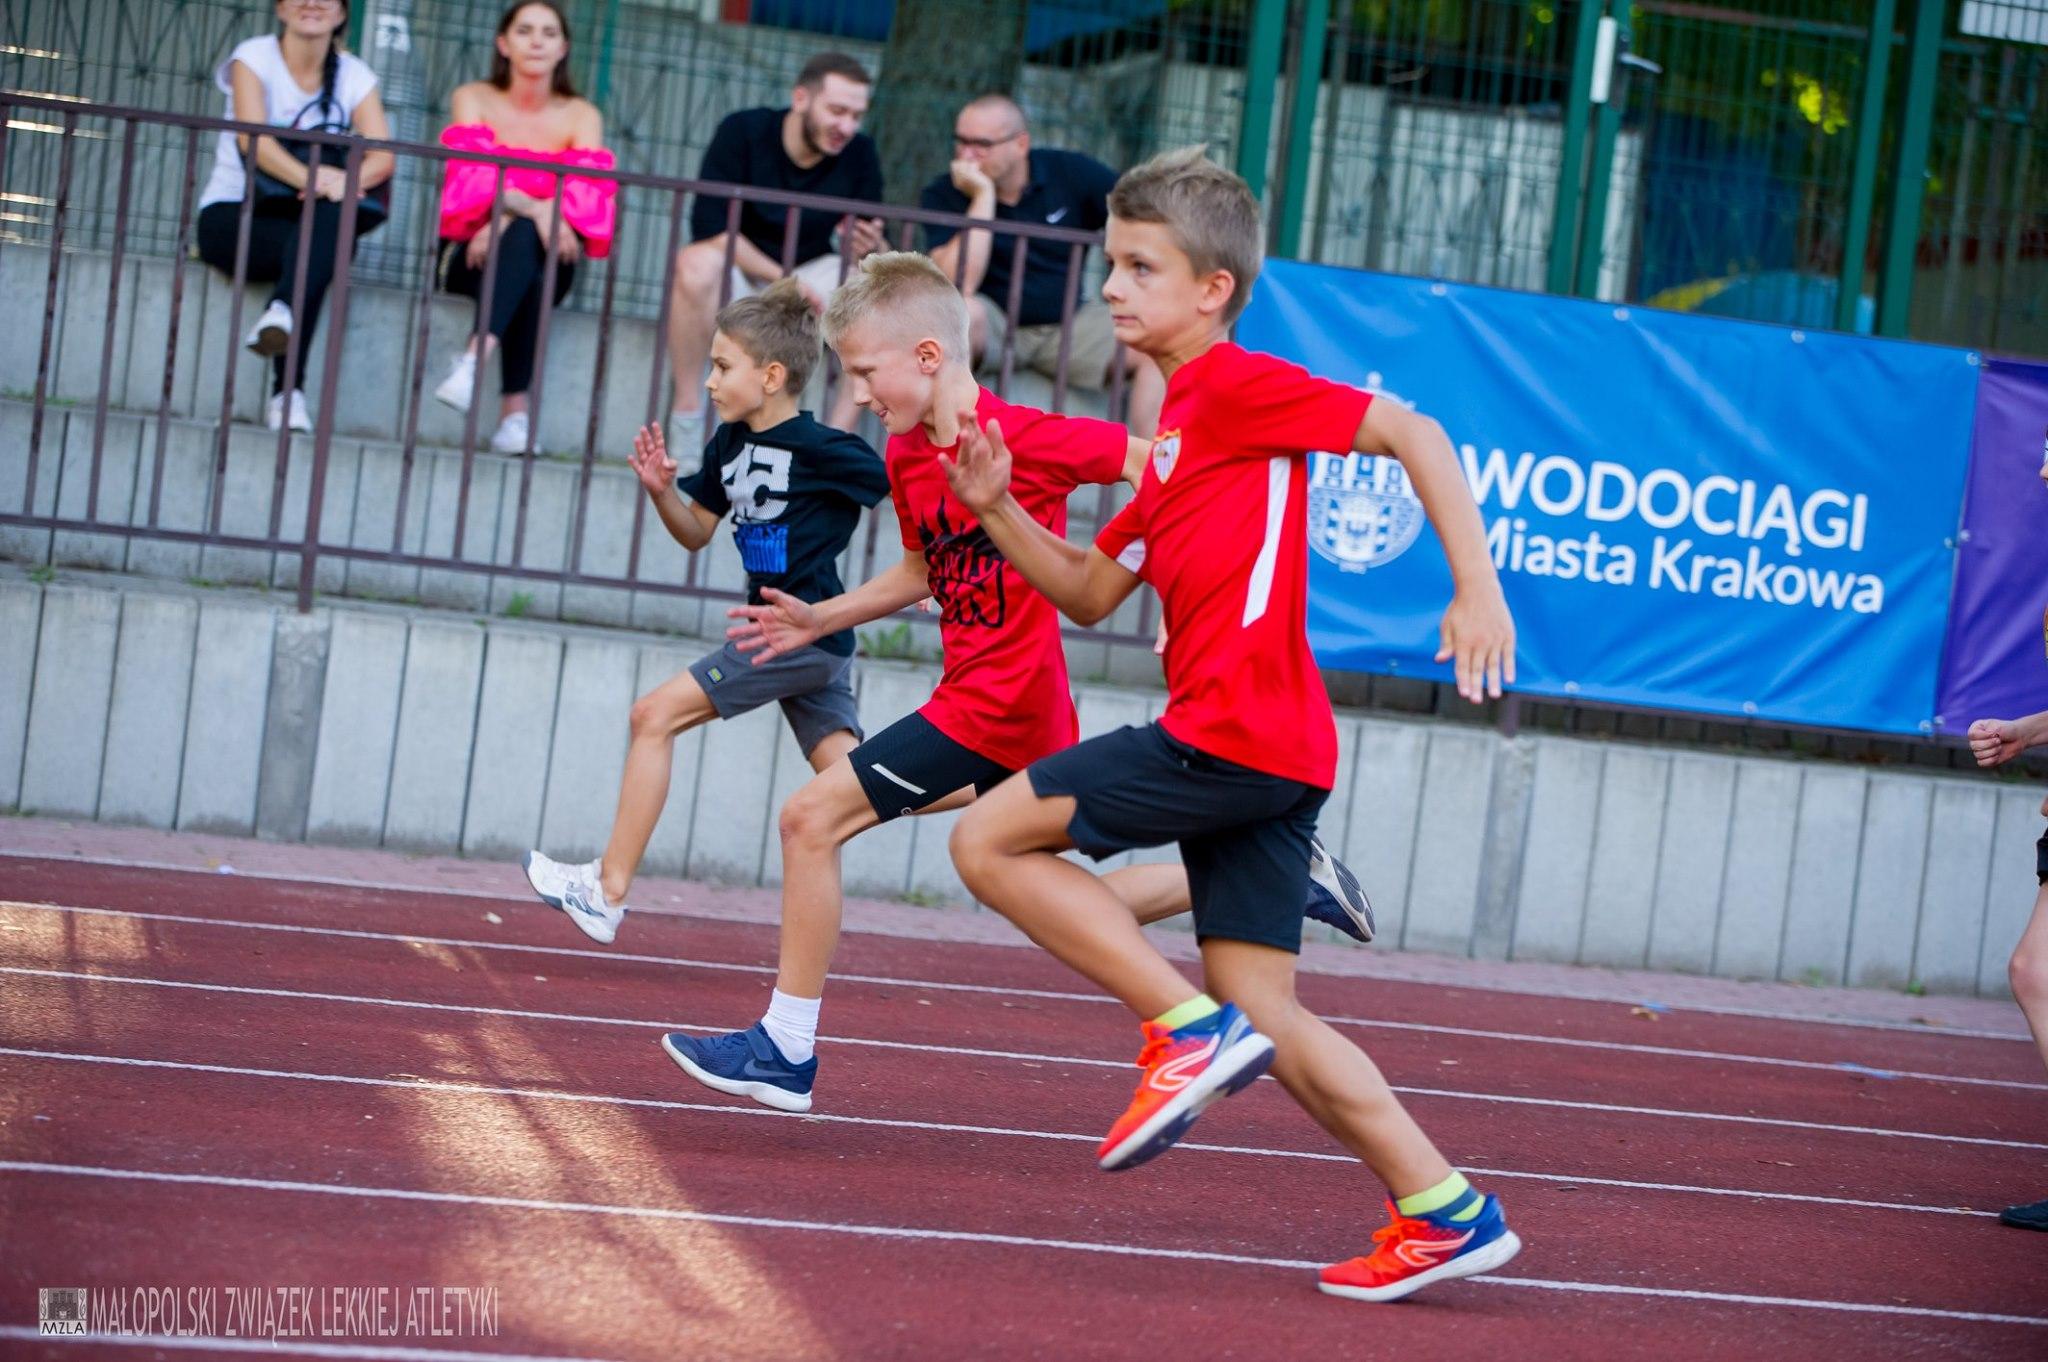 Małopolski Związek Lekkiej Atletyki